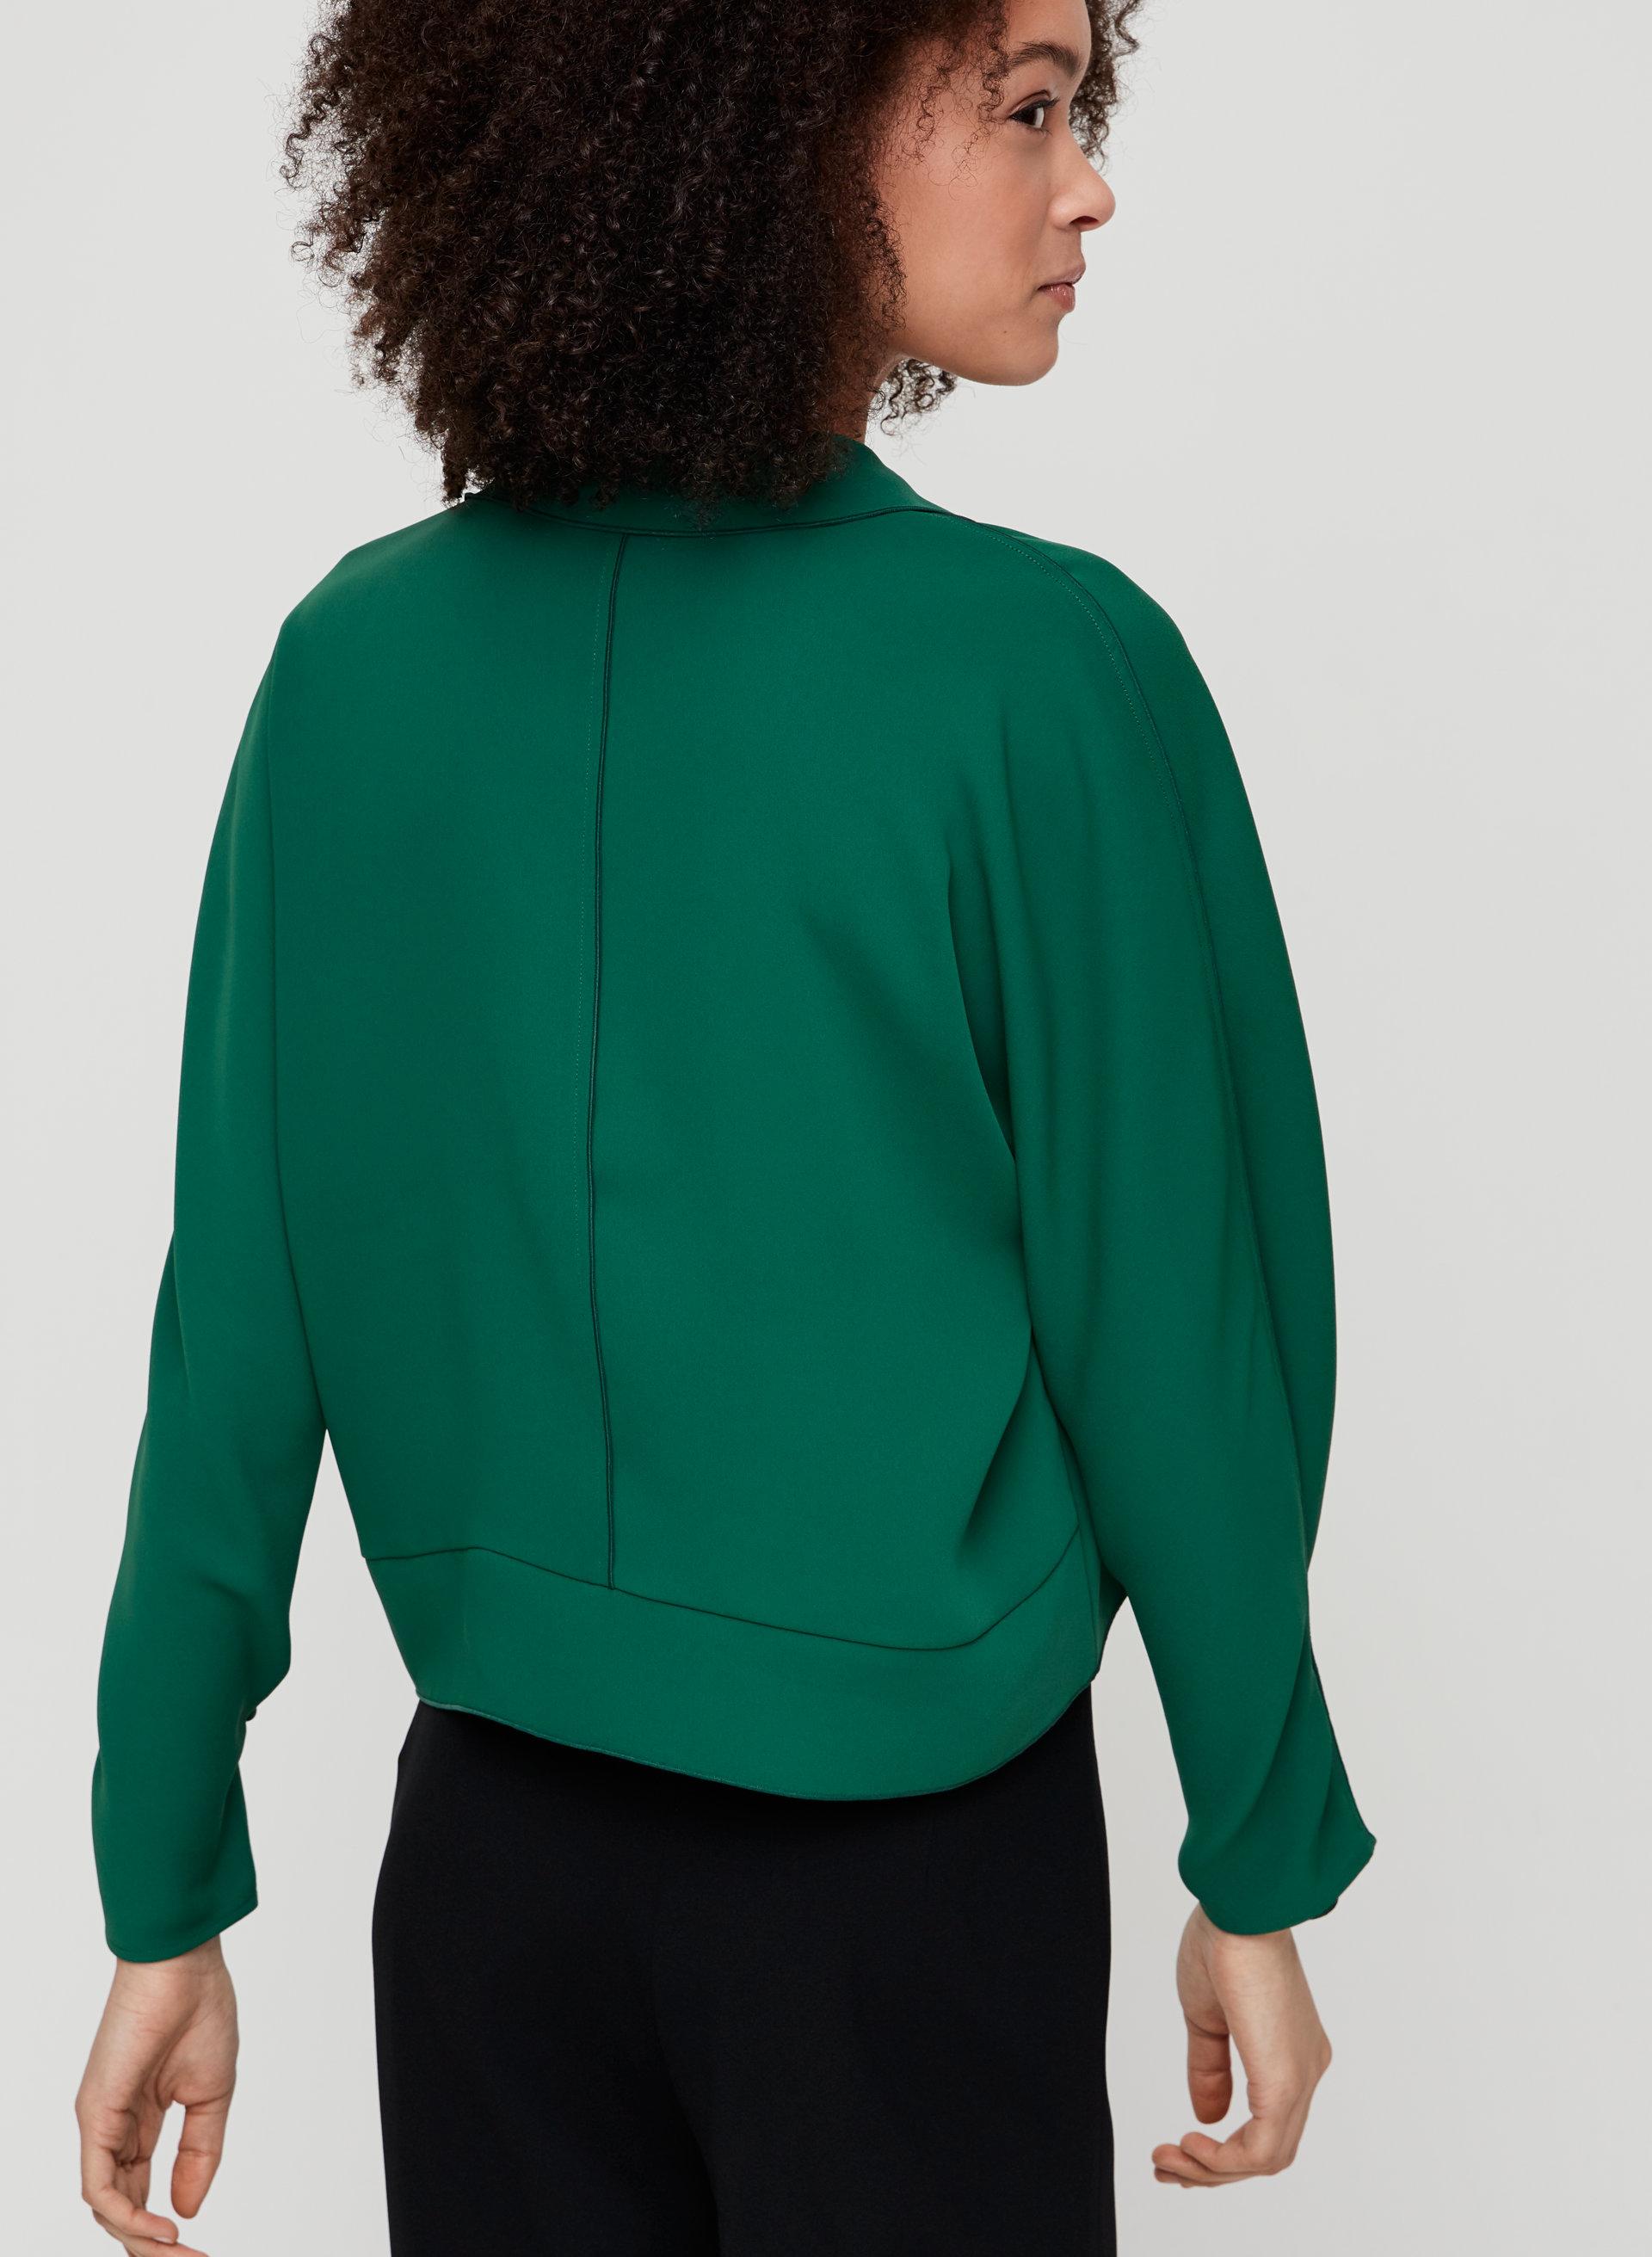 c7177e38b87ab4 MARTIN BLOUSE - Cropped, V-neck blouse